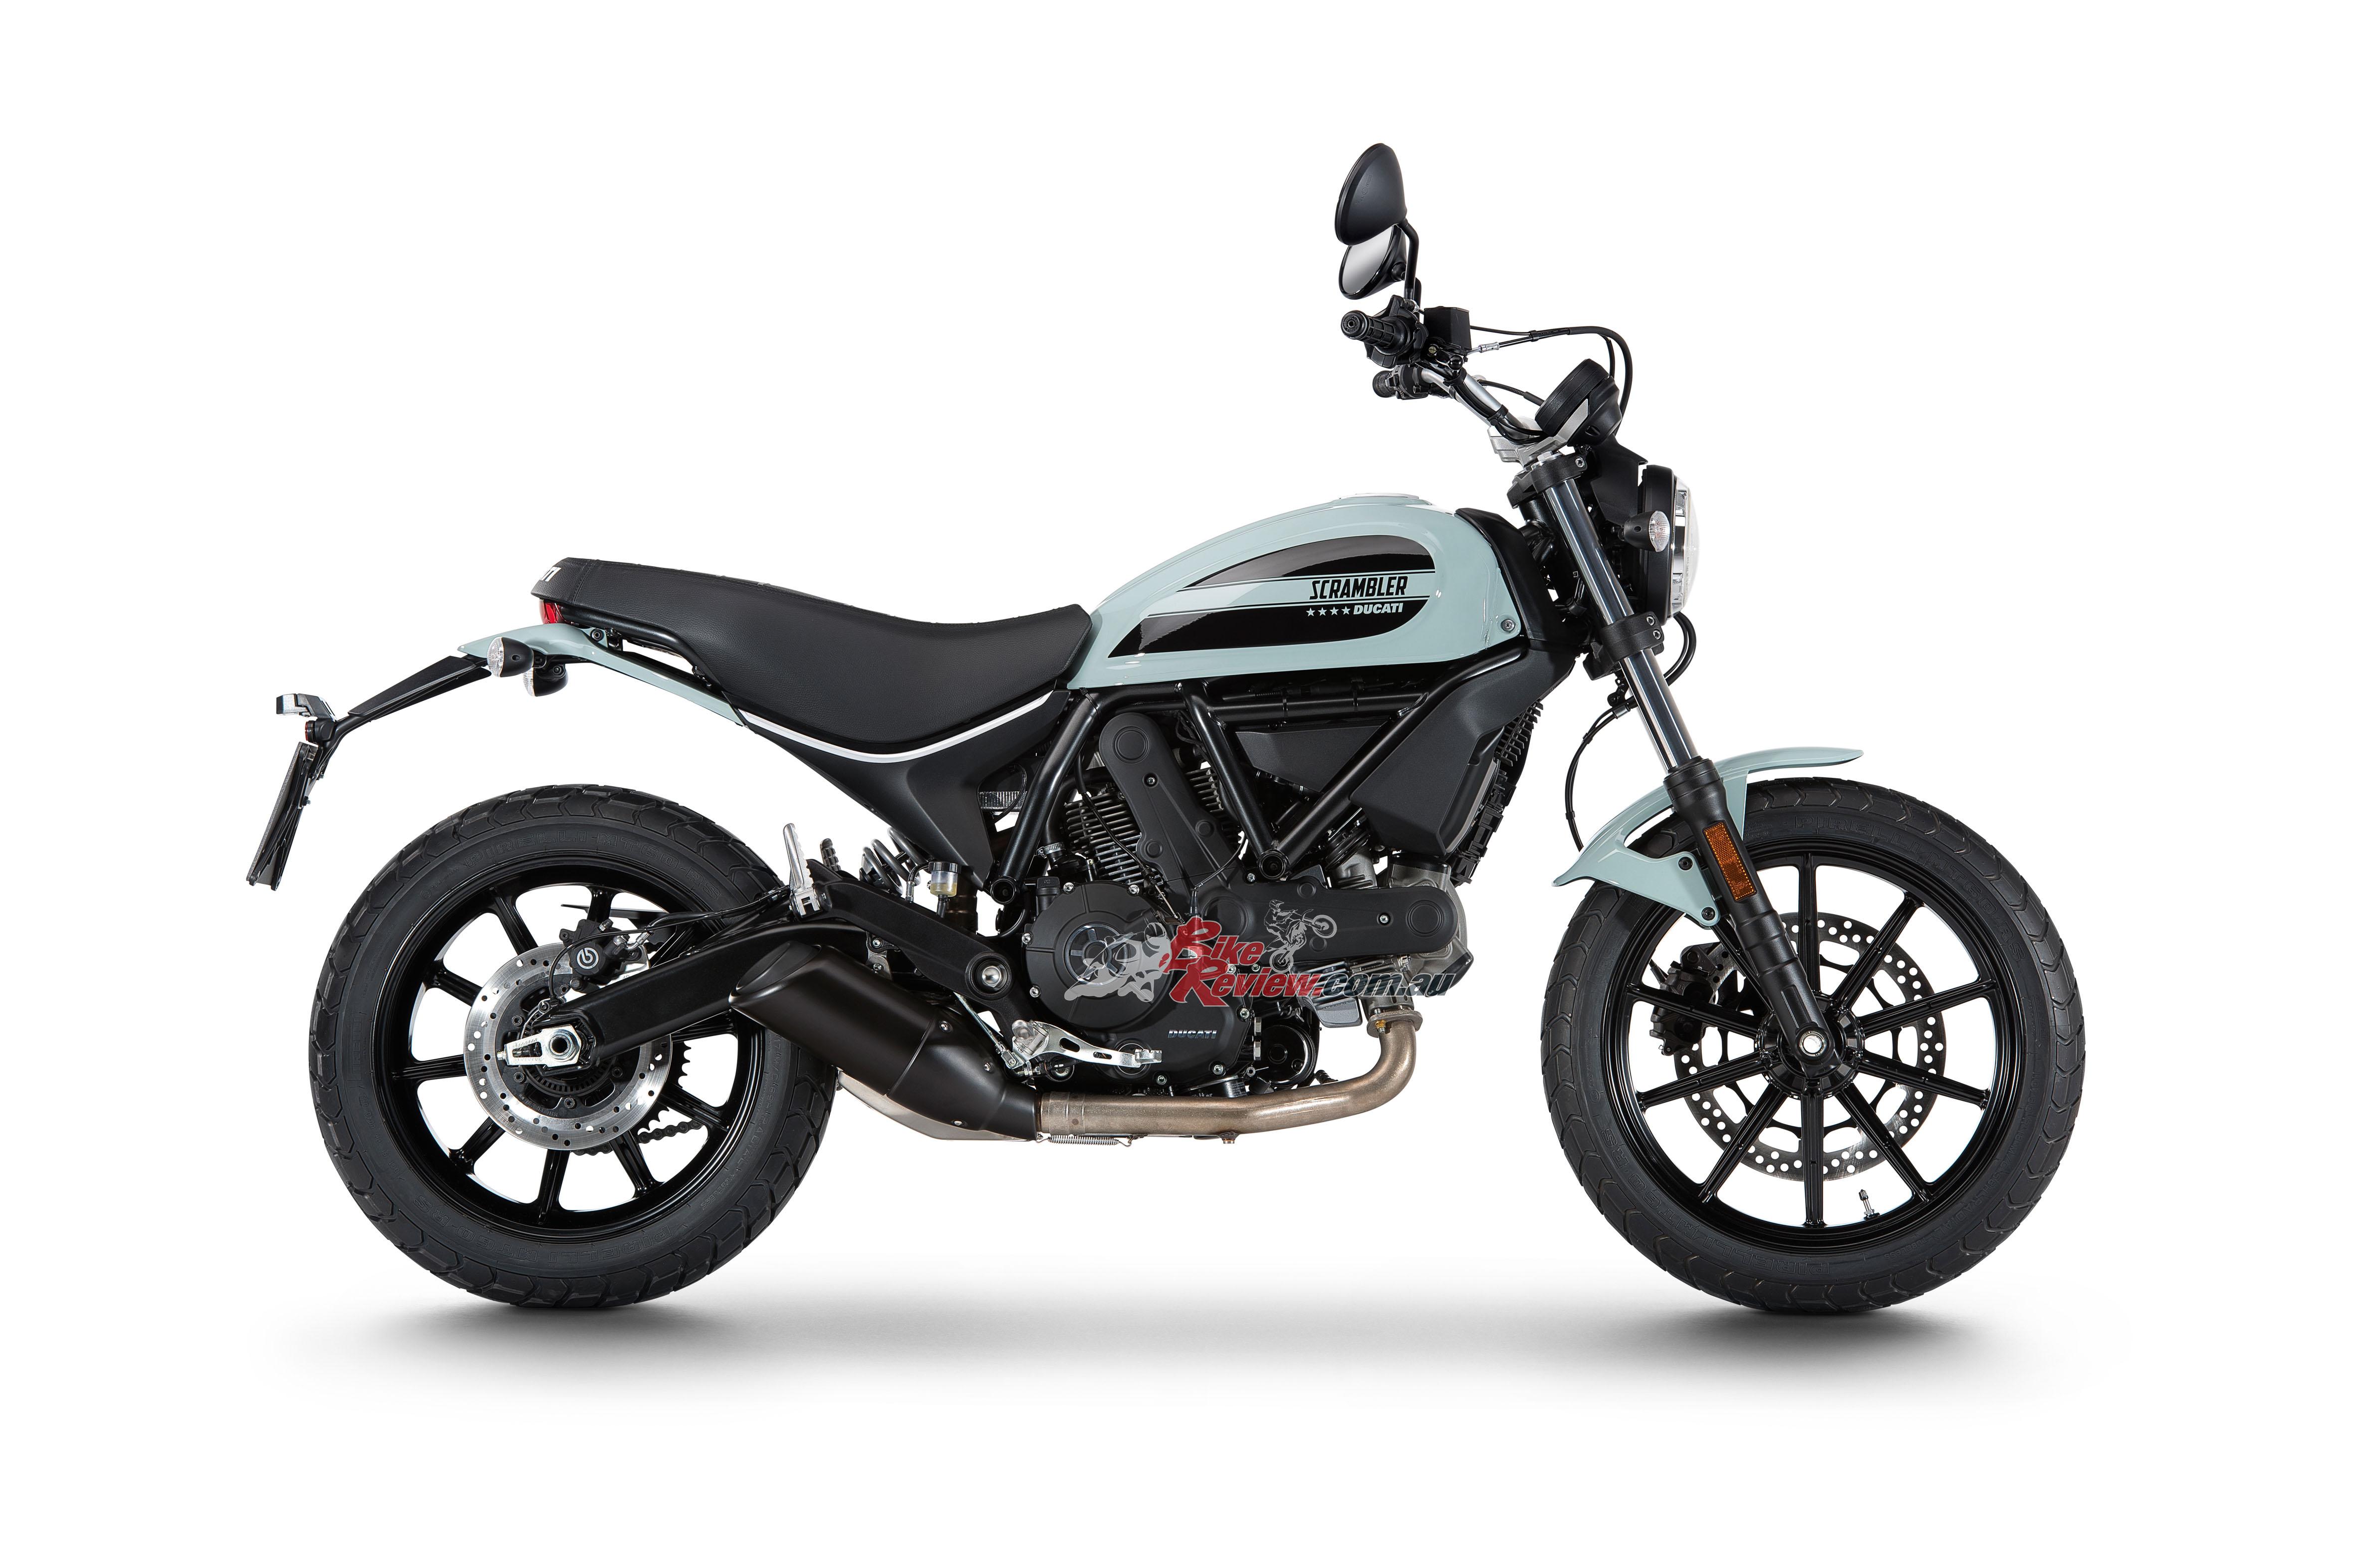 Review: 2016 Ducati Scrambler Sixty2 - Bike Review